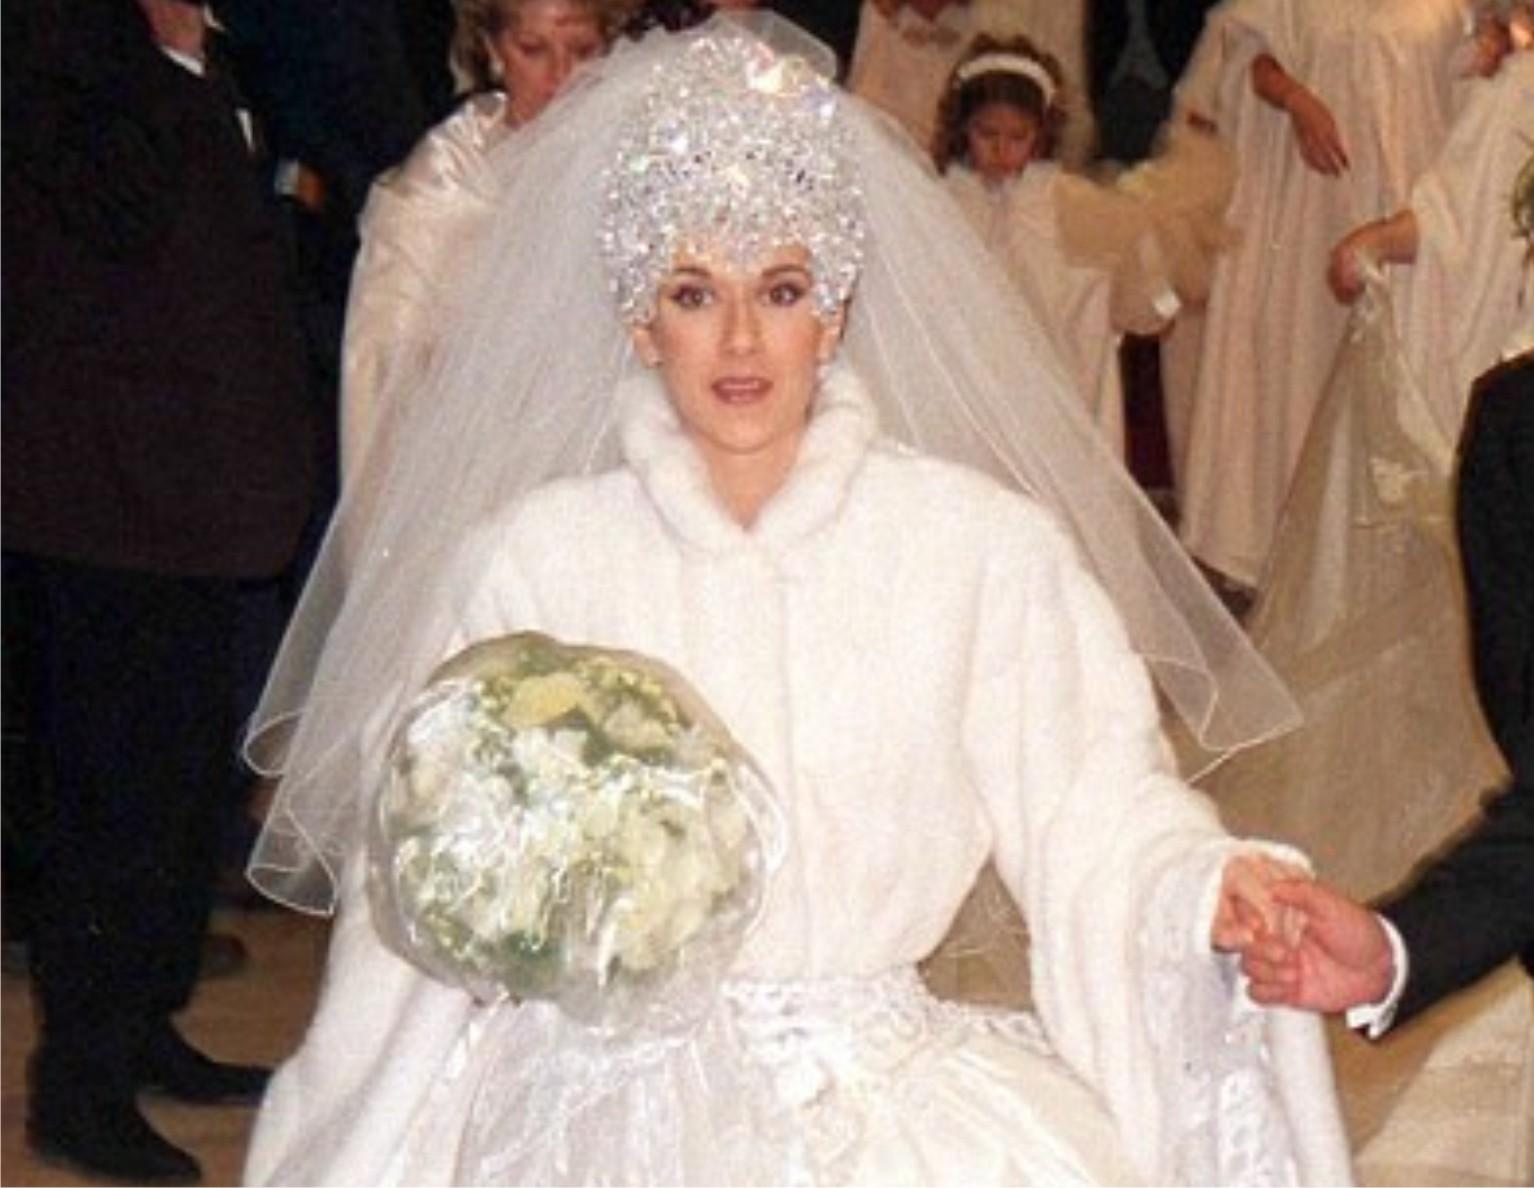 Váy cưới xấu xí